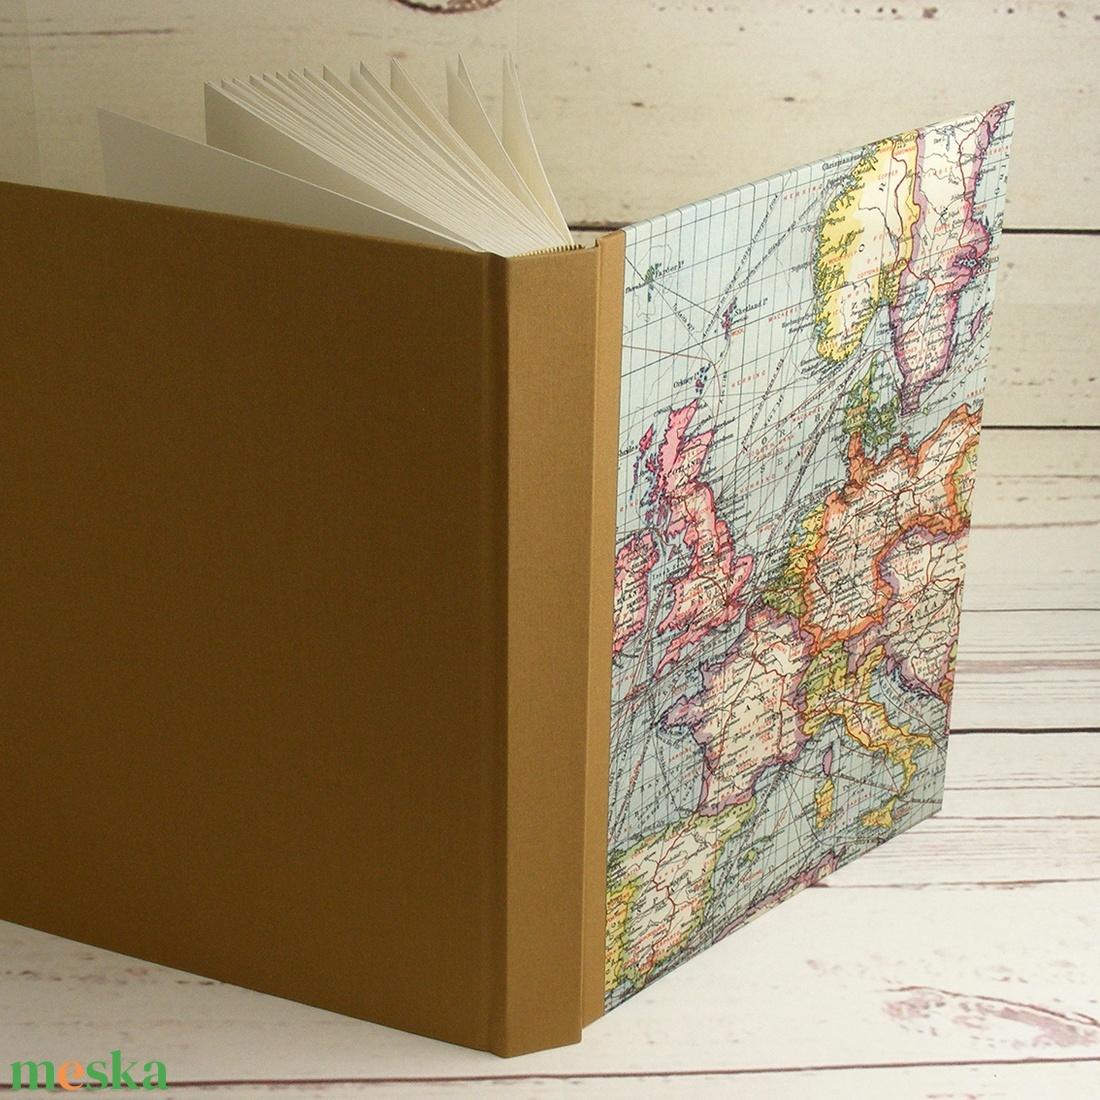 Nagyméretű fotóalbum, utazási album, fényképalbum, emlék utazóknak. Borítón régi Európa-térkép és vászon, kézzel fűzött - otthon & lakás - papír írószer - album & fotóalbum - Meska.hu